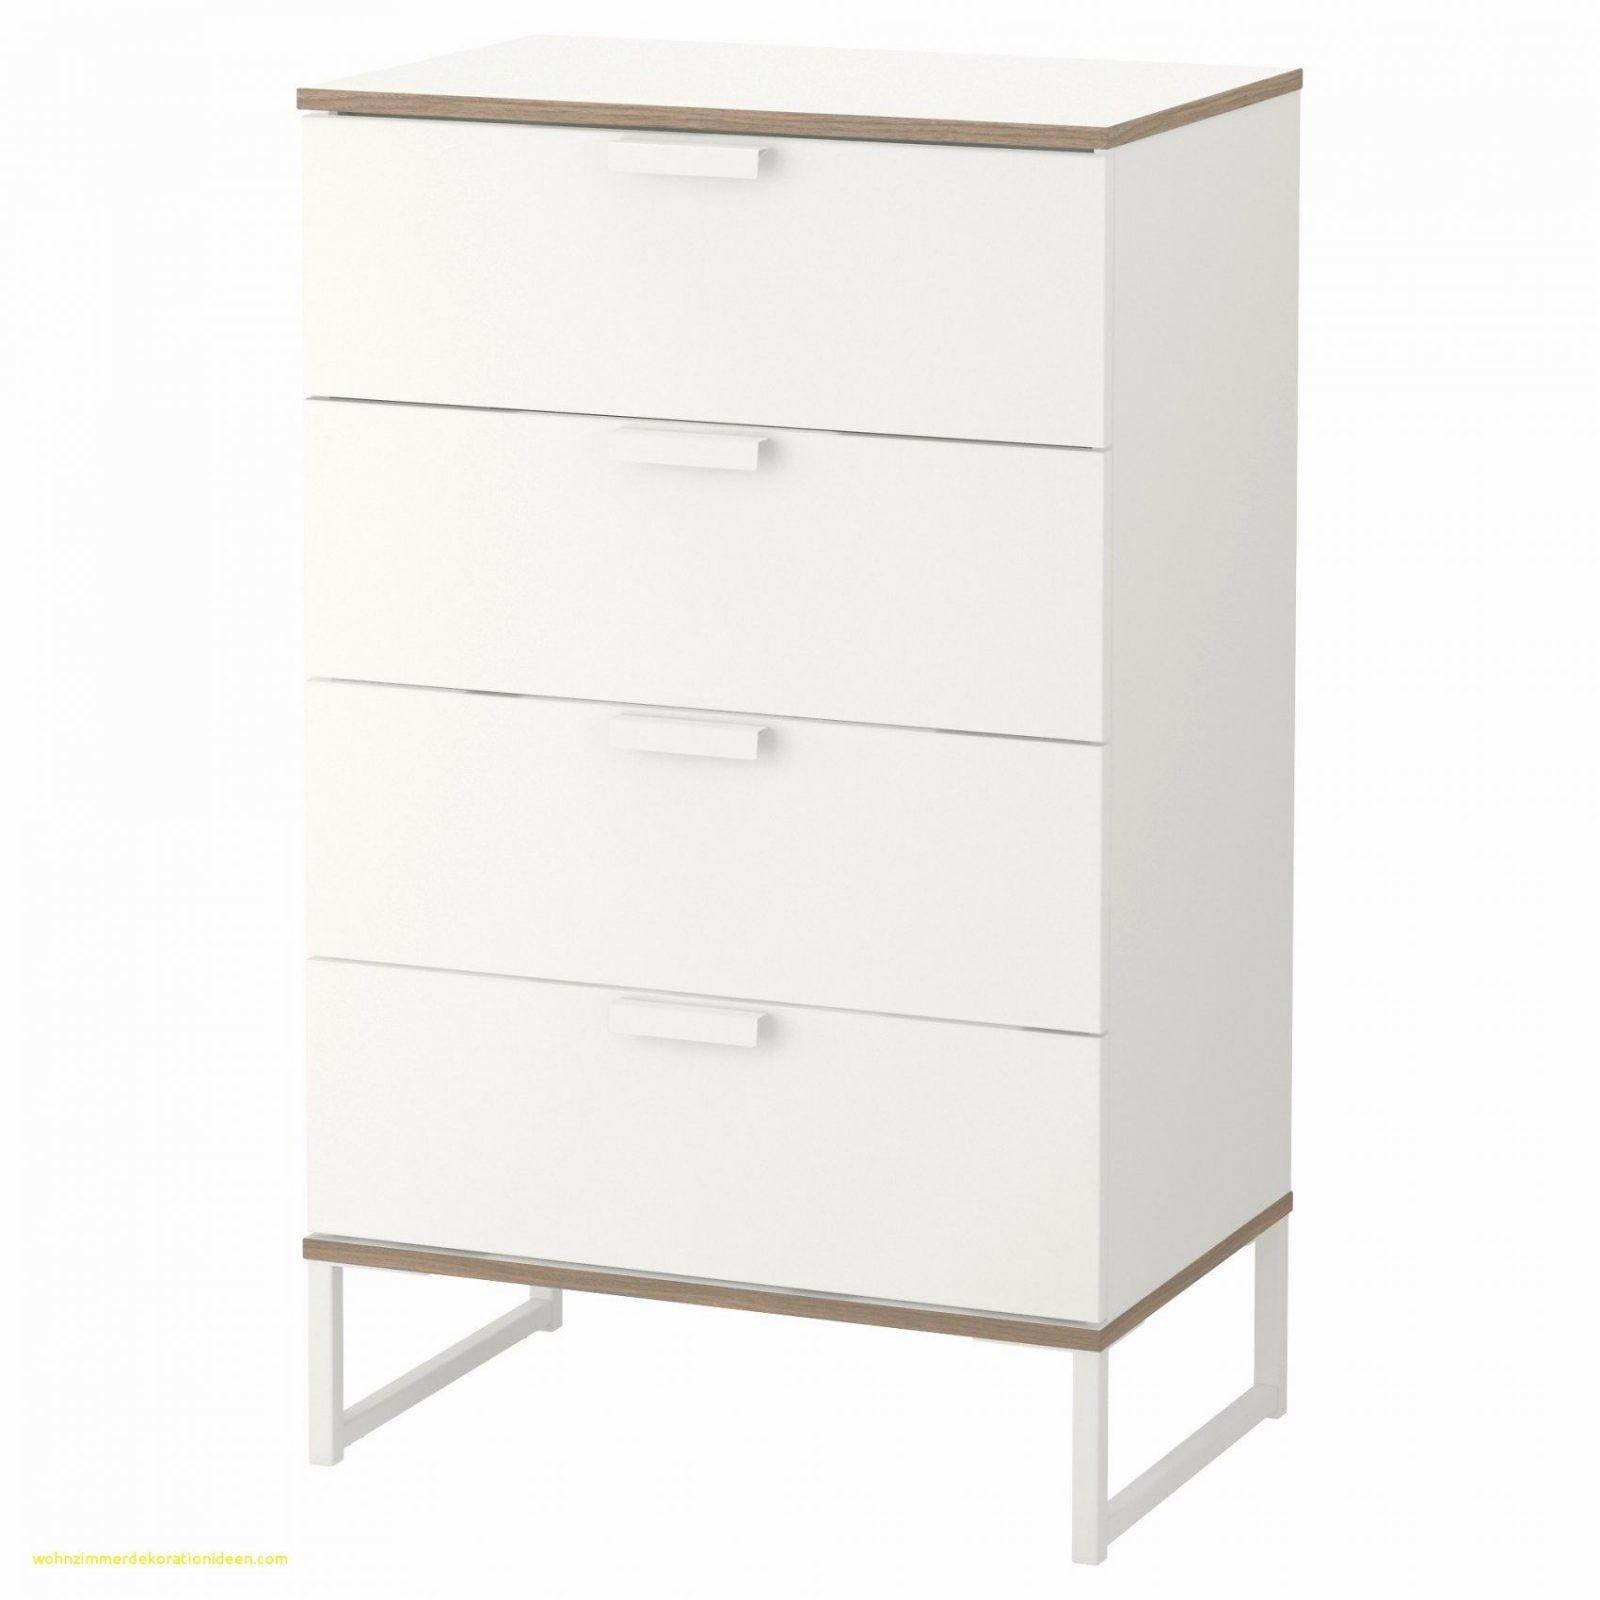 Wohnideen  Kleiderschrank 35 Cm Tief Zusammen Neu Schrank Ikea Weis von Schrank 60 Cm Breit Ikea Photo